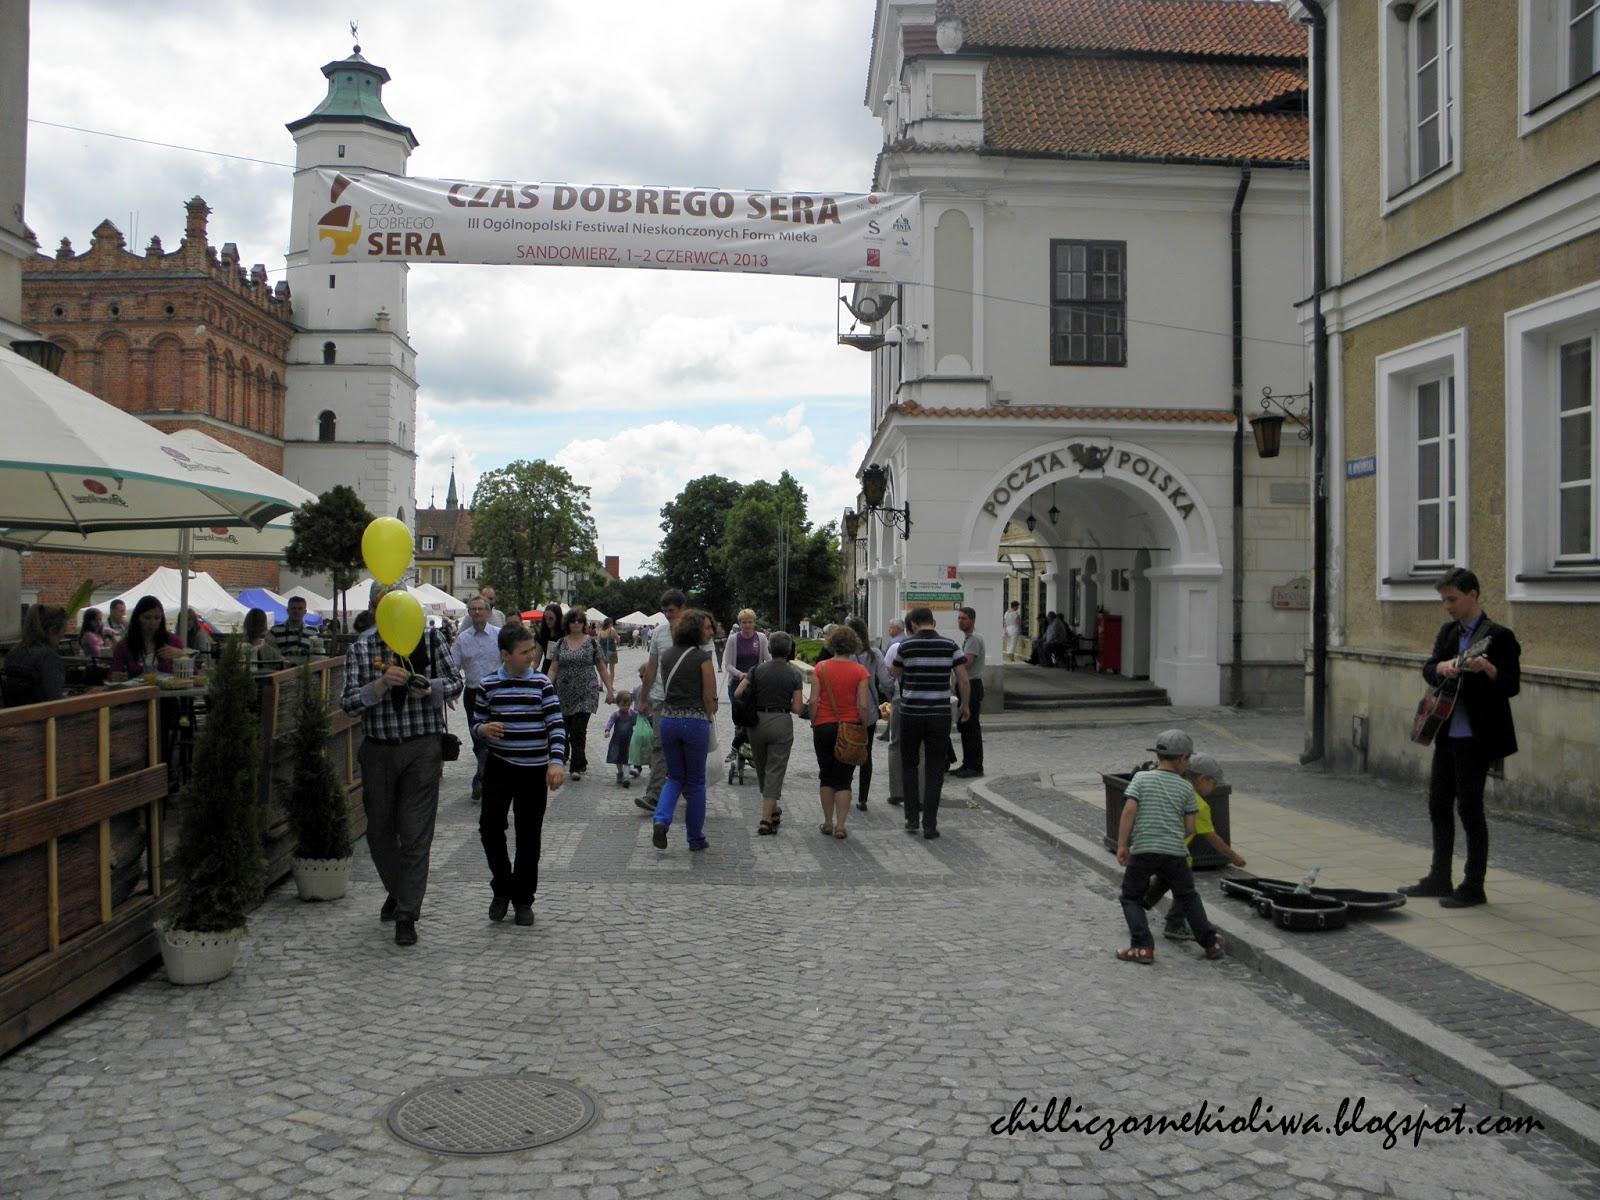 Relacja Z Festiwalu Czas Dobrego Sera W Sandomierzu 2013